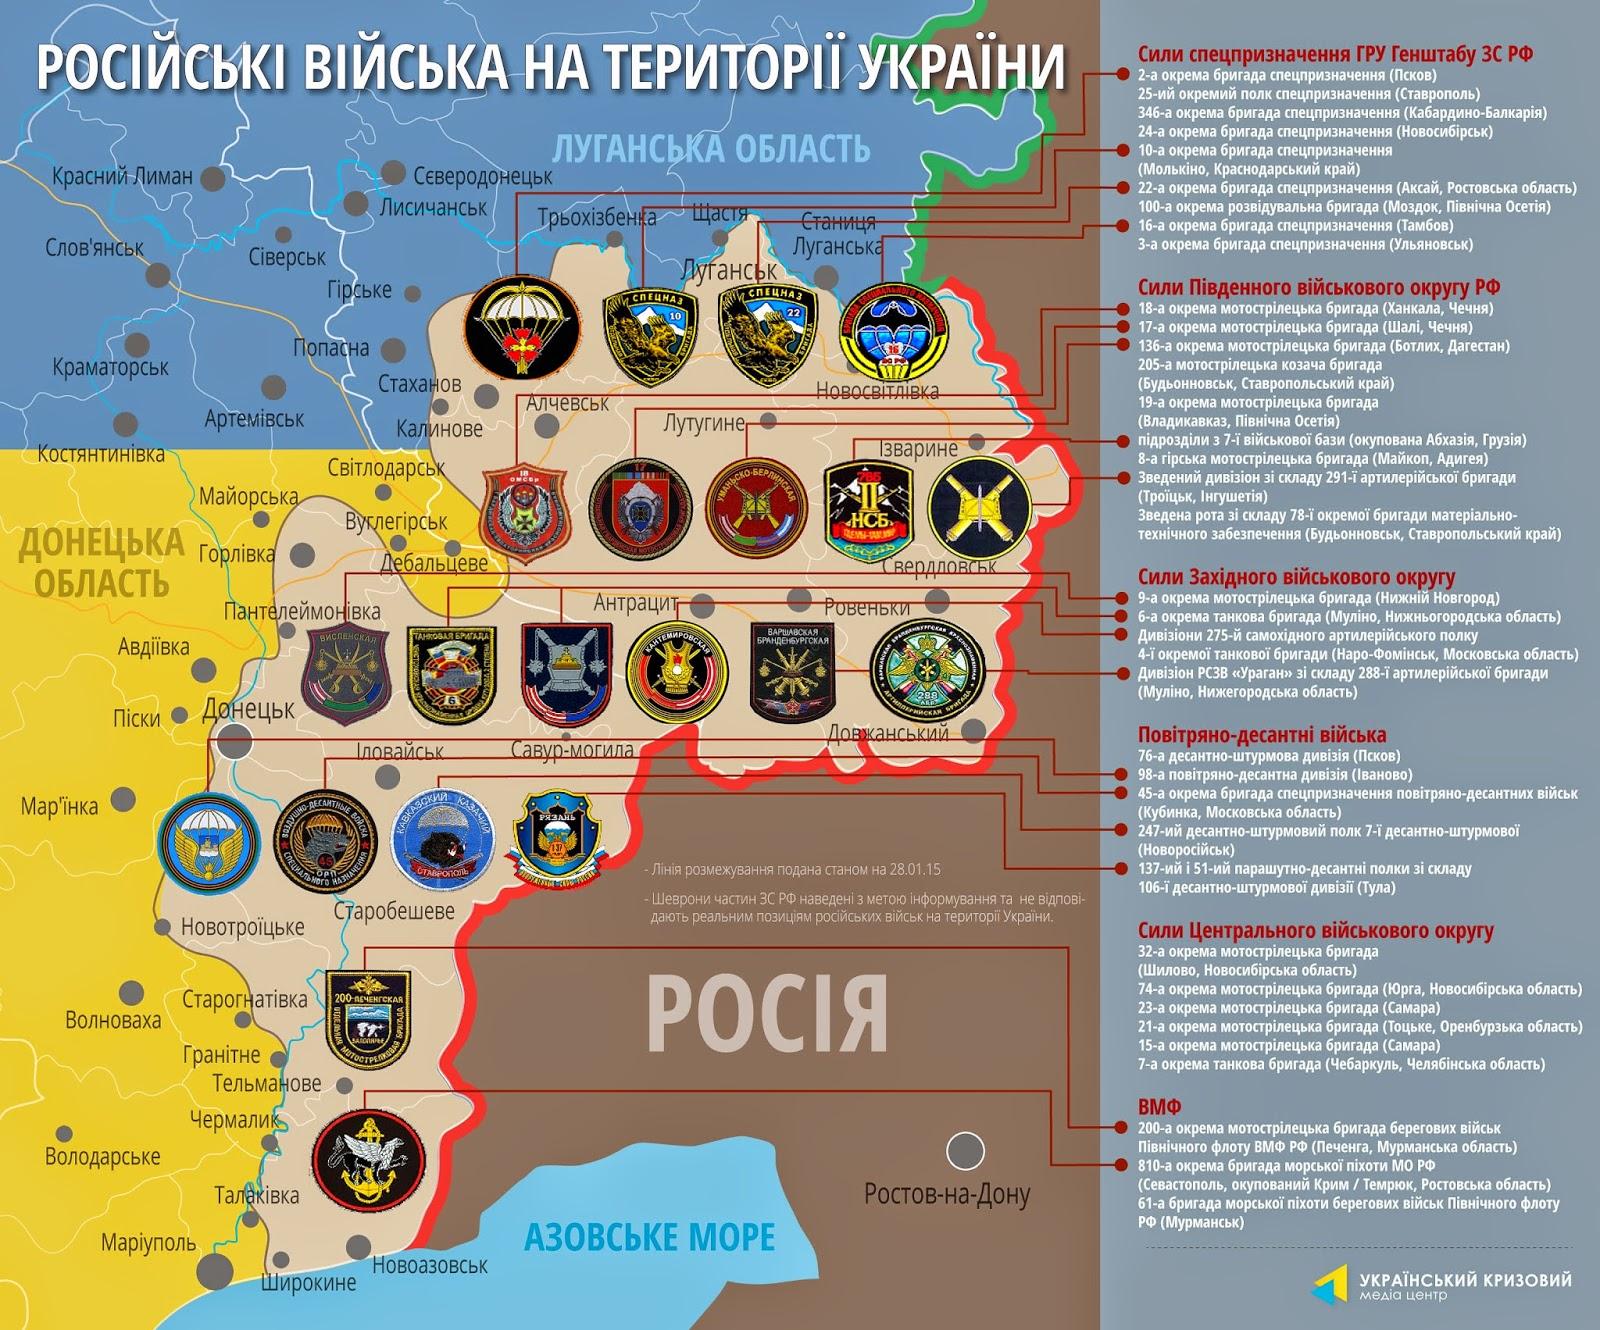 Російські війська на території України